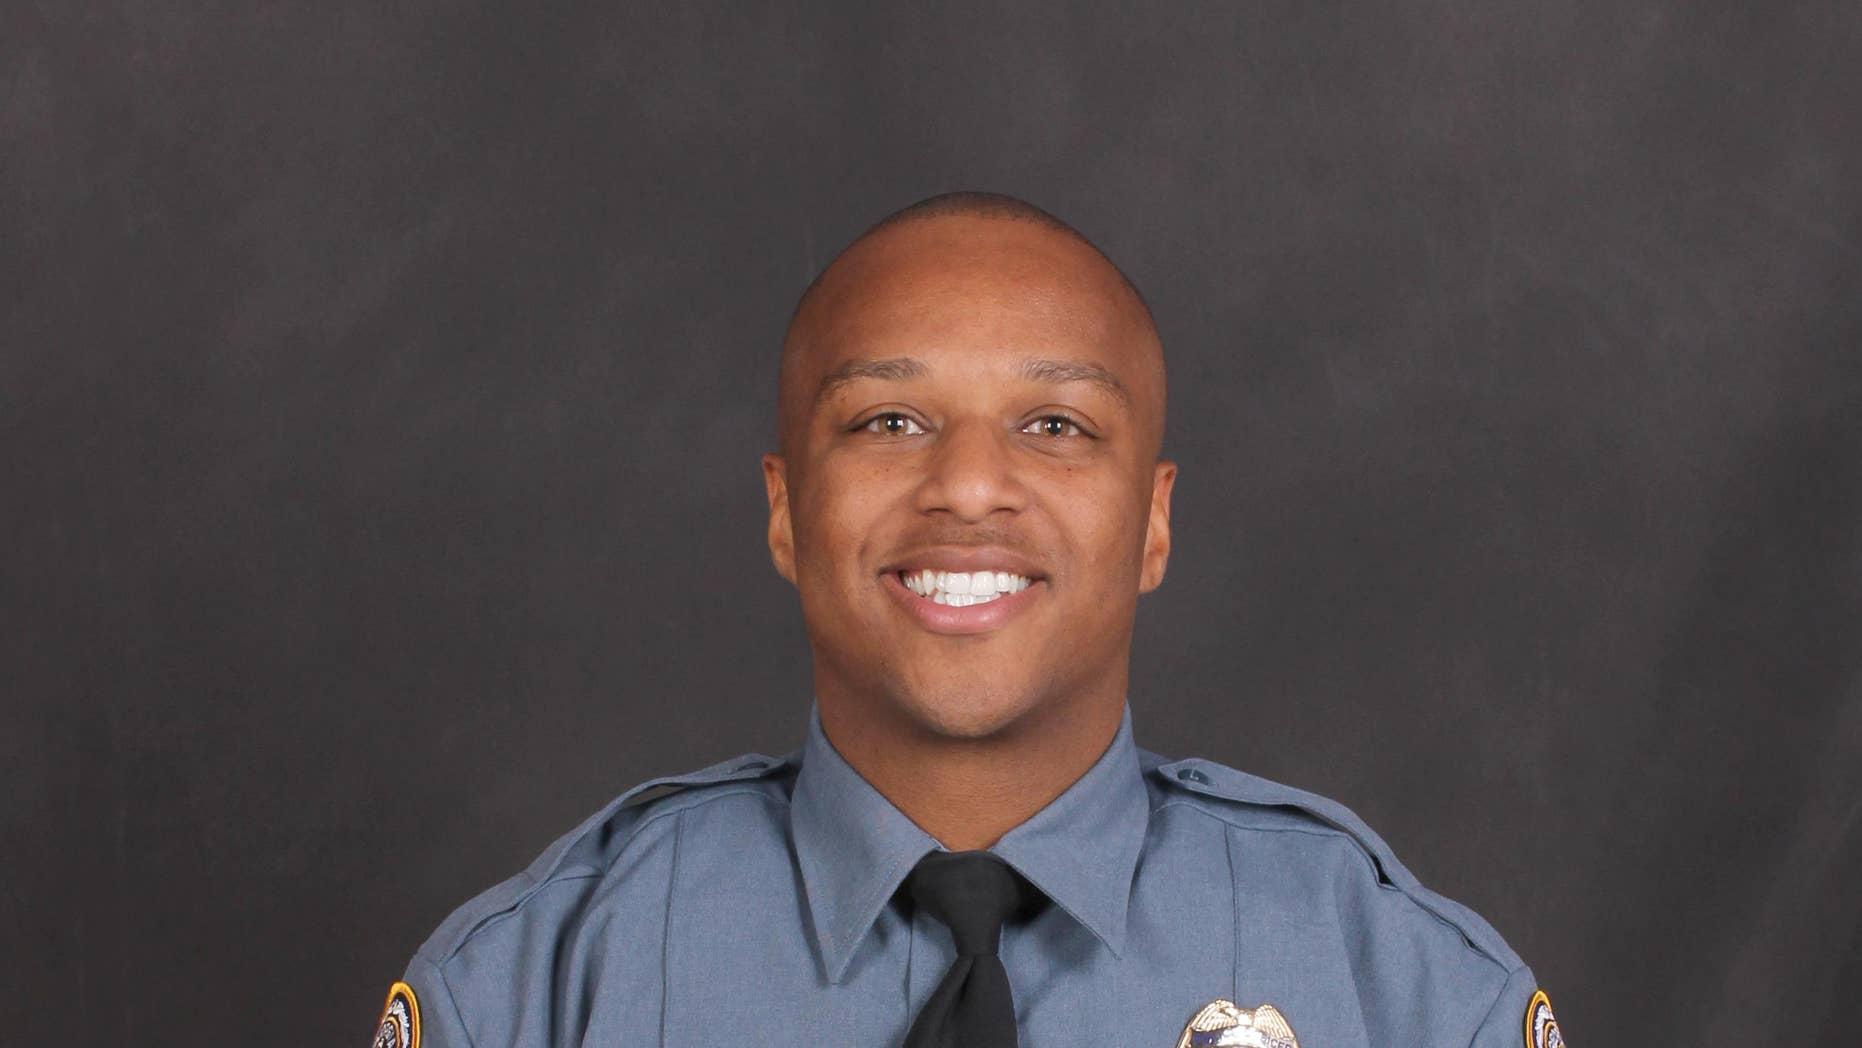 Antwan Toney of the Gwinnett County Police Department